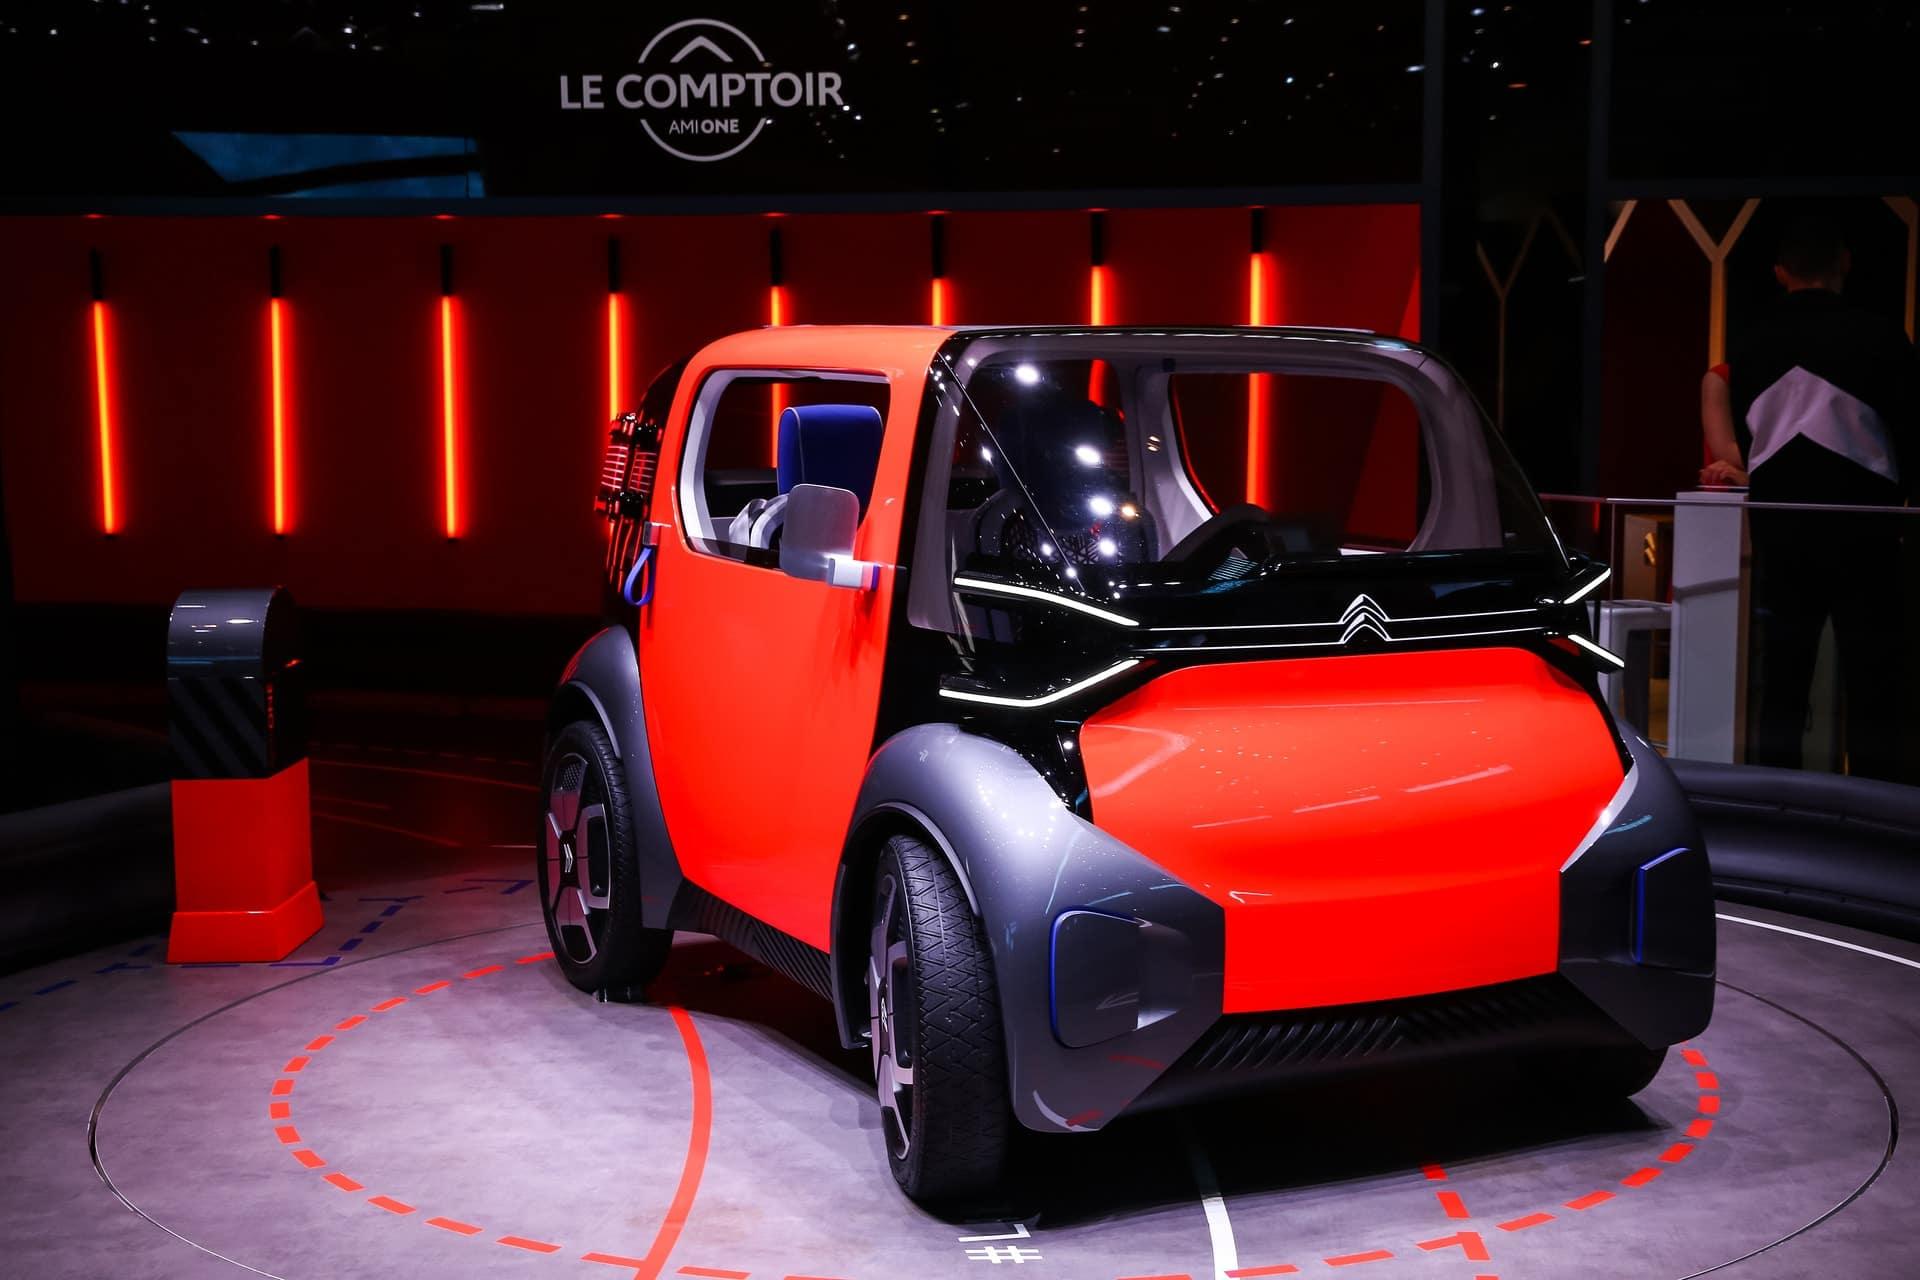 Actualité undefined - Photo d'illustration Comparatif Citroën AMI vs Renault Twizy 45